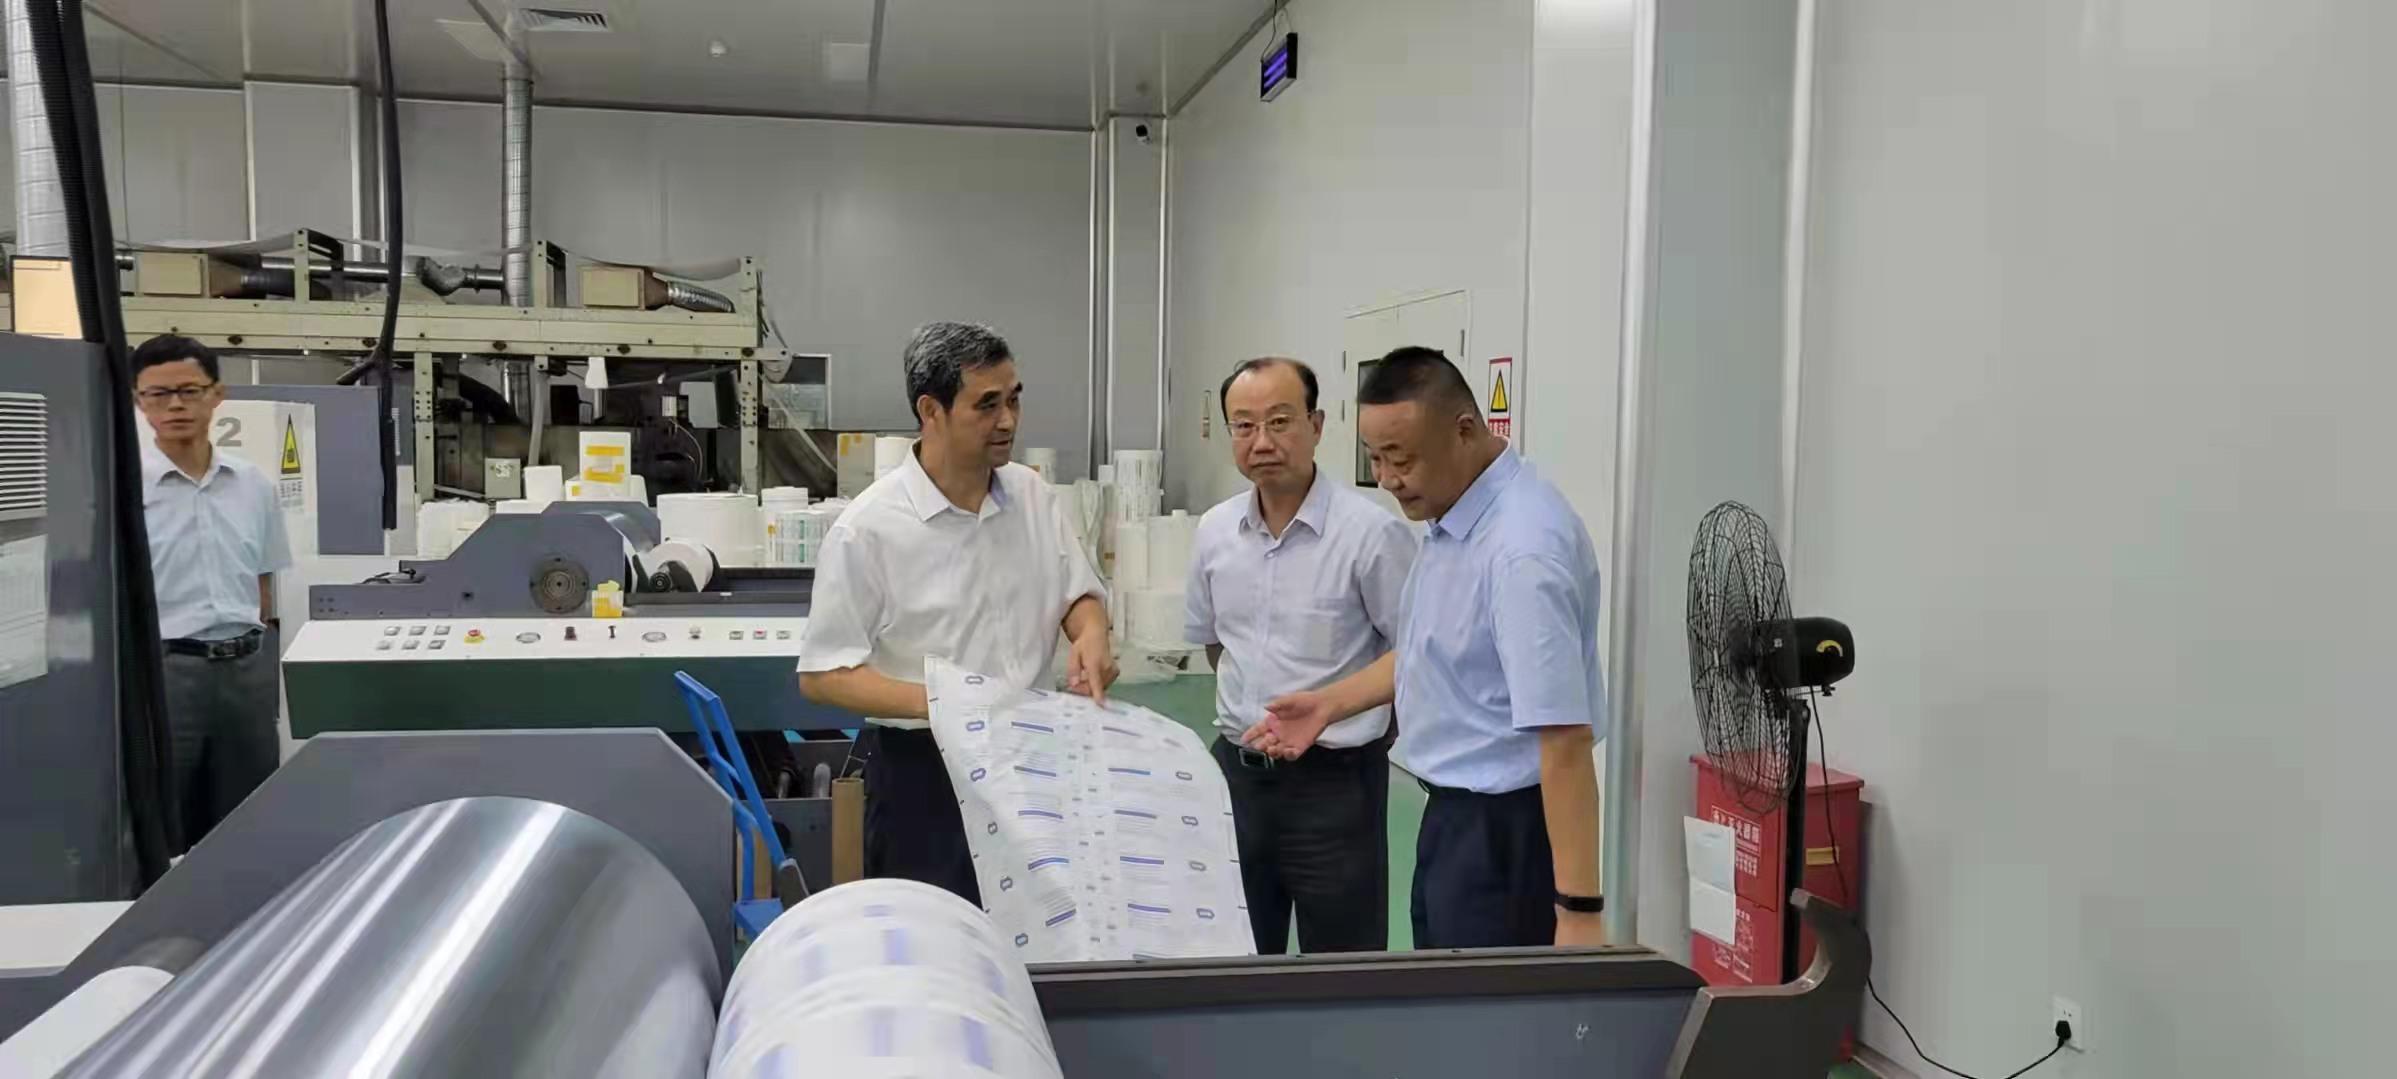 戴春益局长走访调研安徽迈德普斯医疗科技有限公司